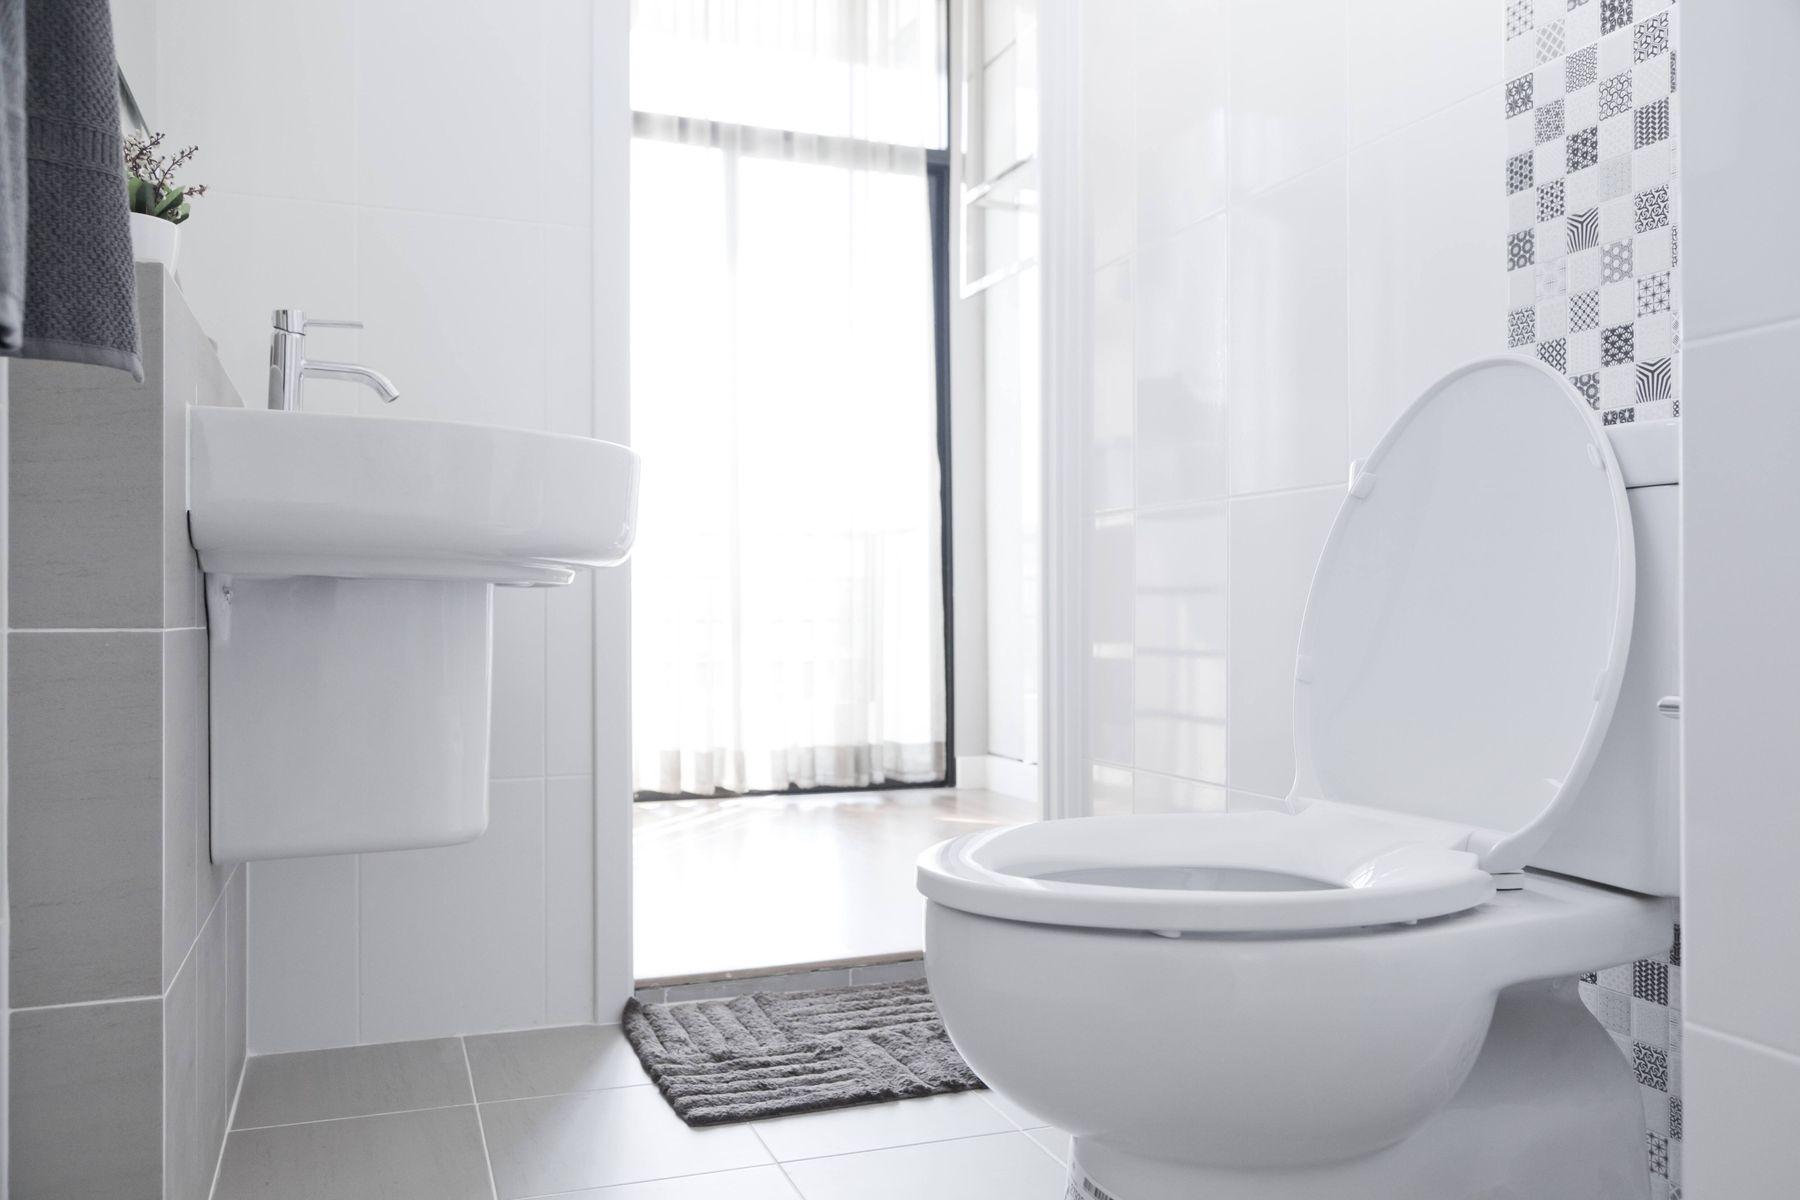 Bayramda misafirlerinizin mutlaka ziyaret edeceği odalardan birisi olan tuvaletlerinizin temizliği ve hijyeni oldukça önemlidir.